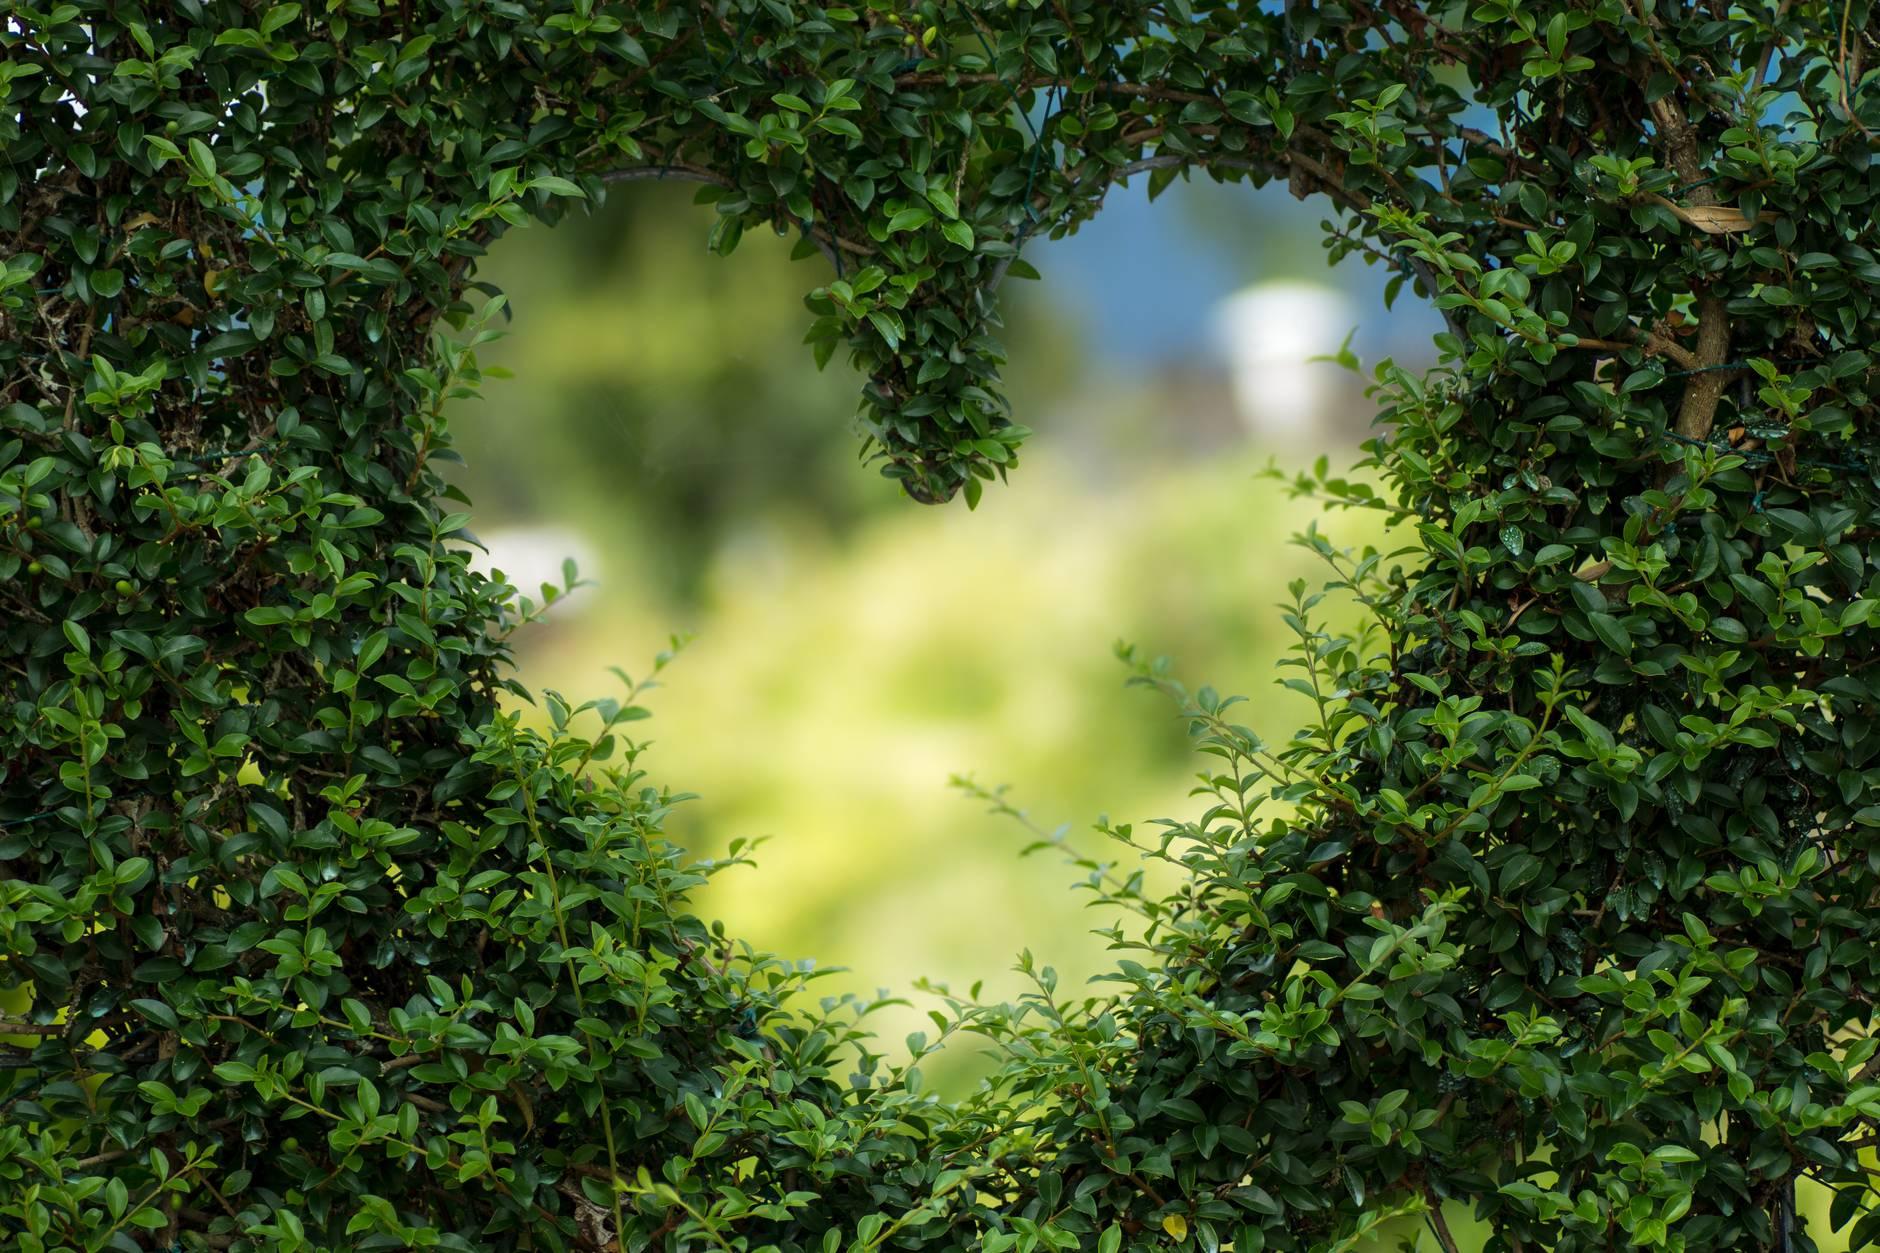 Heart cut into a shrub